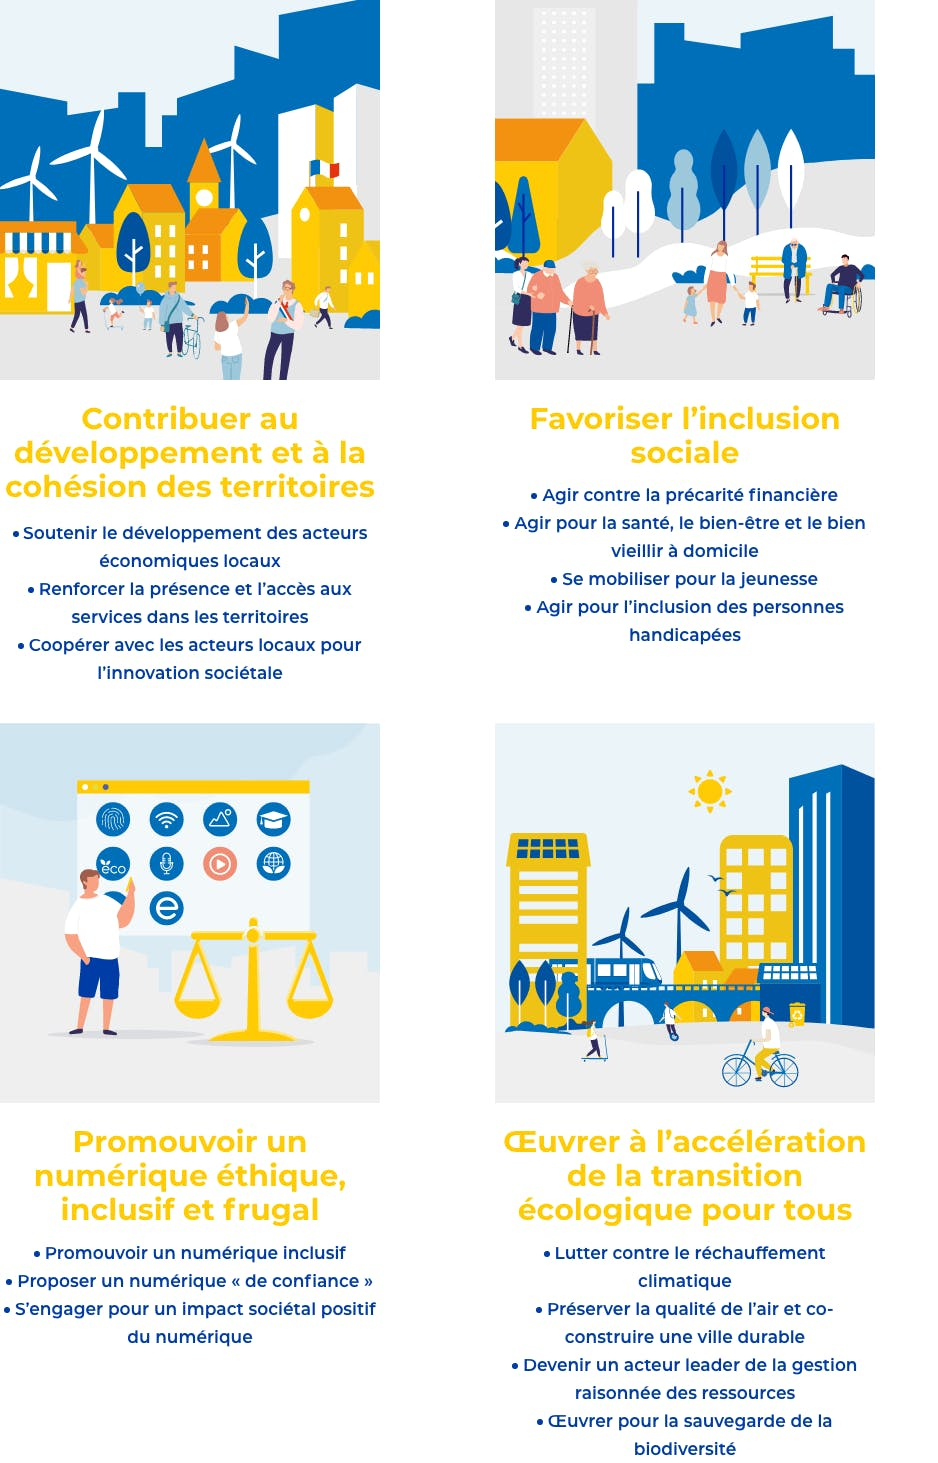 Contribuer au développement et à la cohésion des territoires: • Soutenir le développement des acteurs économiques locaux  • Renforcer la présence et l'accès aux services dans les territoires  • Coopérer avec les acteurs locaux pour l'innovation sociétale  Favoriser l'inclusion sociale • Agir contre la précarité financière • Agir pour la santé, le bien être  Promouvoir un numérique éthique, inclusif et frugal • Promouvoir un numérique inclusif • Proposer un numérique « de confiance »  • S'engager pour un impact sociétal positif du numérique  Œuvrer à l'accélération de la transition écologique pour tous • Lutter contre le réchauffement climatique  • Préserver la qualité de l'air et co-construire une ville durable  • Devenir un acteur leader de la gestion raisonnée des ressources  • Œuvrer pour la sauvegarde de la biodiversité